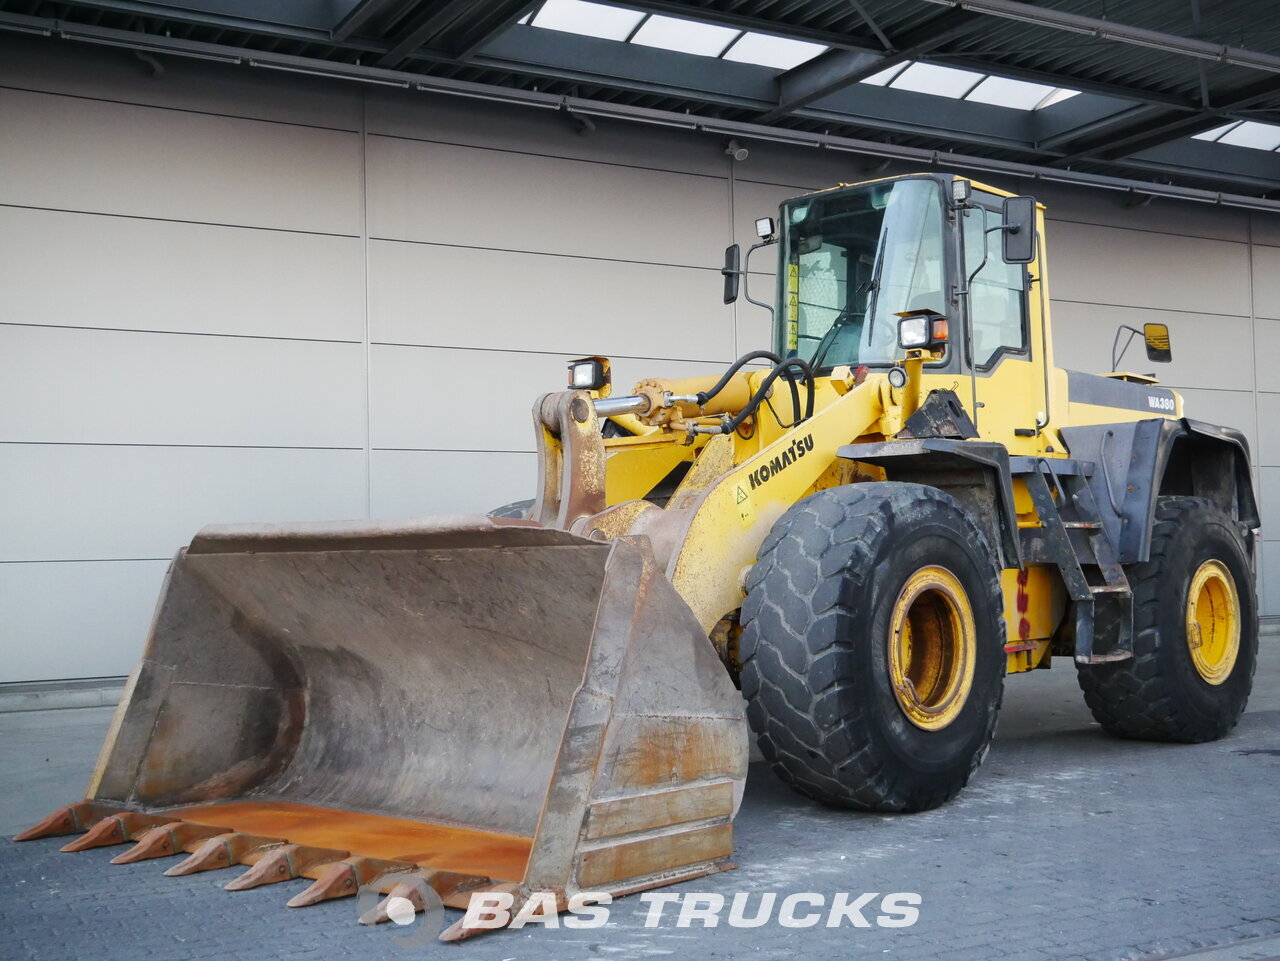 foto de Usado Máquinaria de construcción Komatsu wa 380-3 4X4 2001